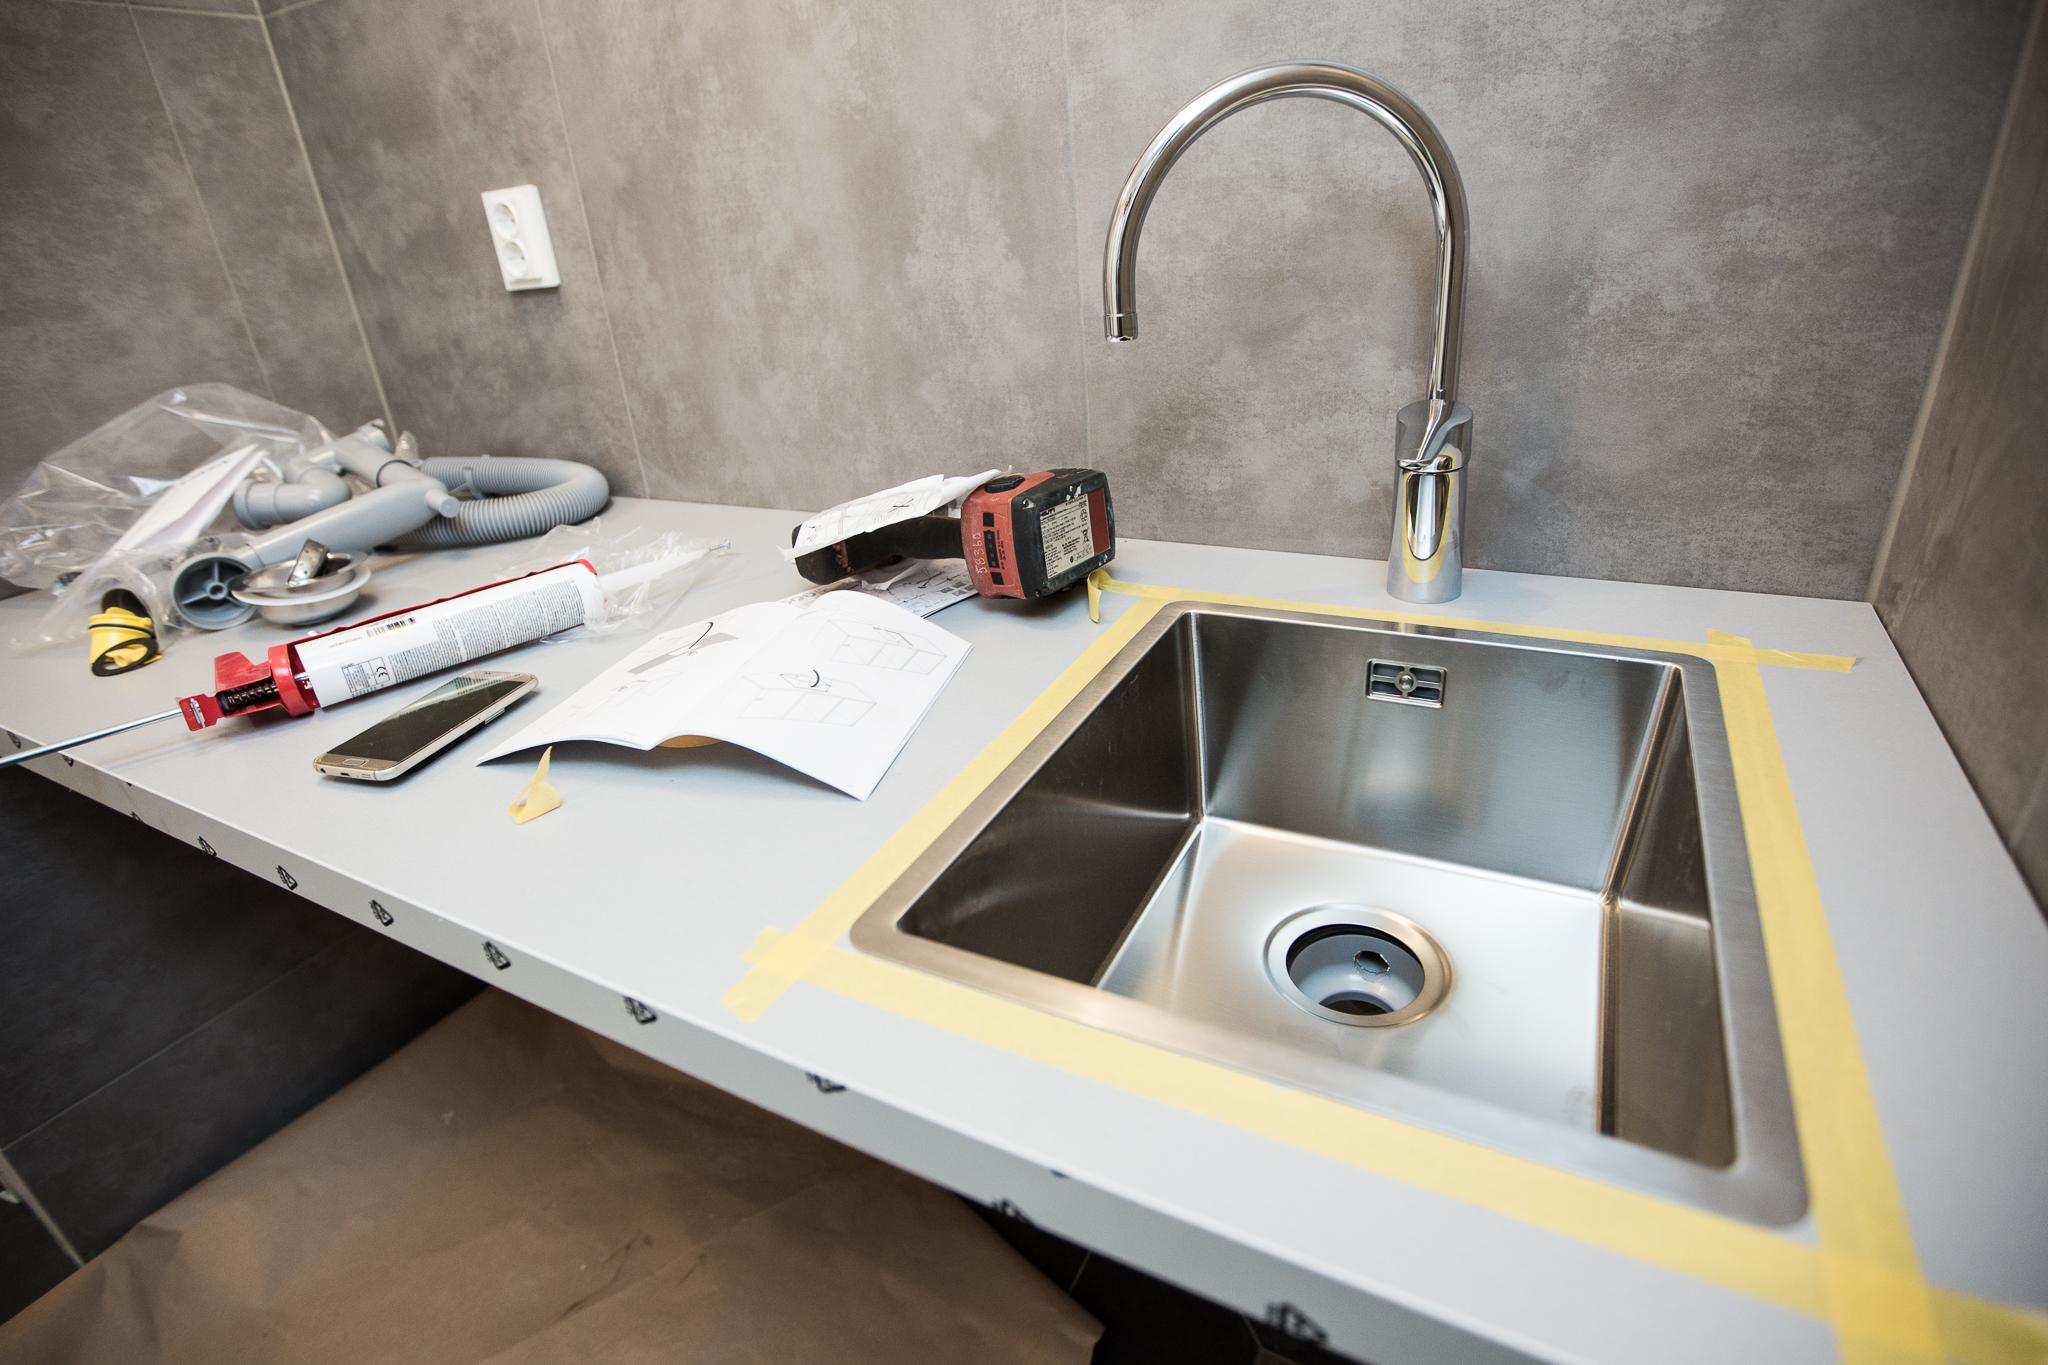 I tvättstugan har jag sågat till och monterat bänkskiva IKEA HÄLLESTAD. I den har jag monterat en IKEA NORRSJÖN diskho. Blandaren är från  Gustavsbergs miljövänliga serie Nautic (sponsor).